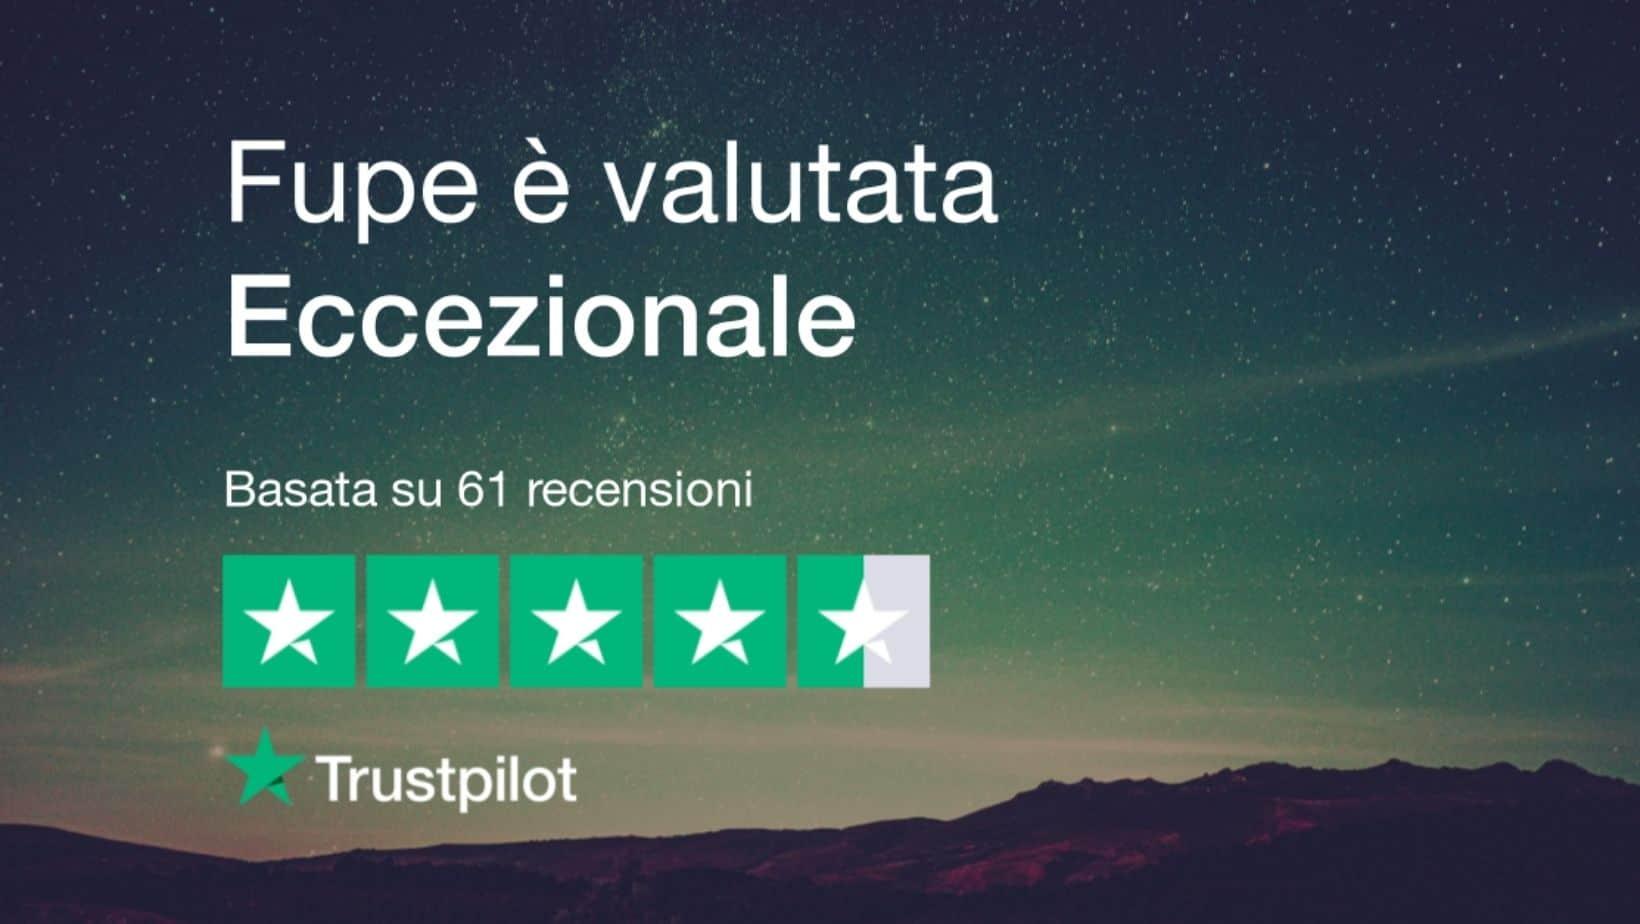 Fupe-it-trustpilot